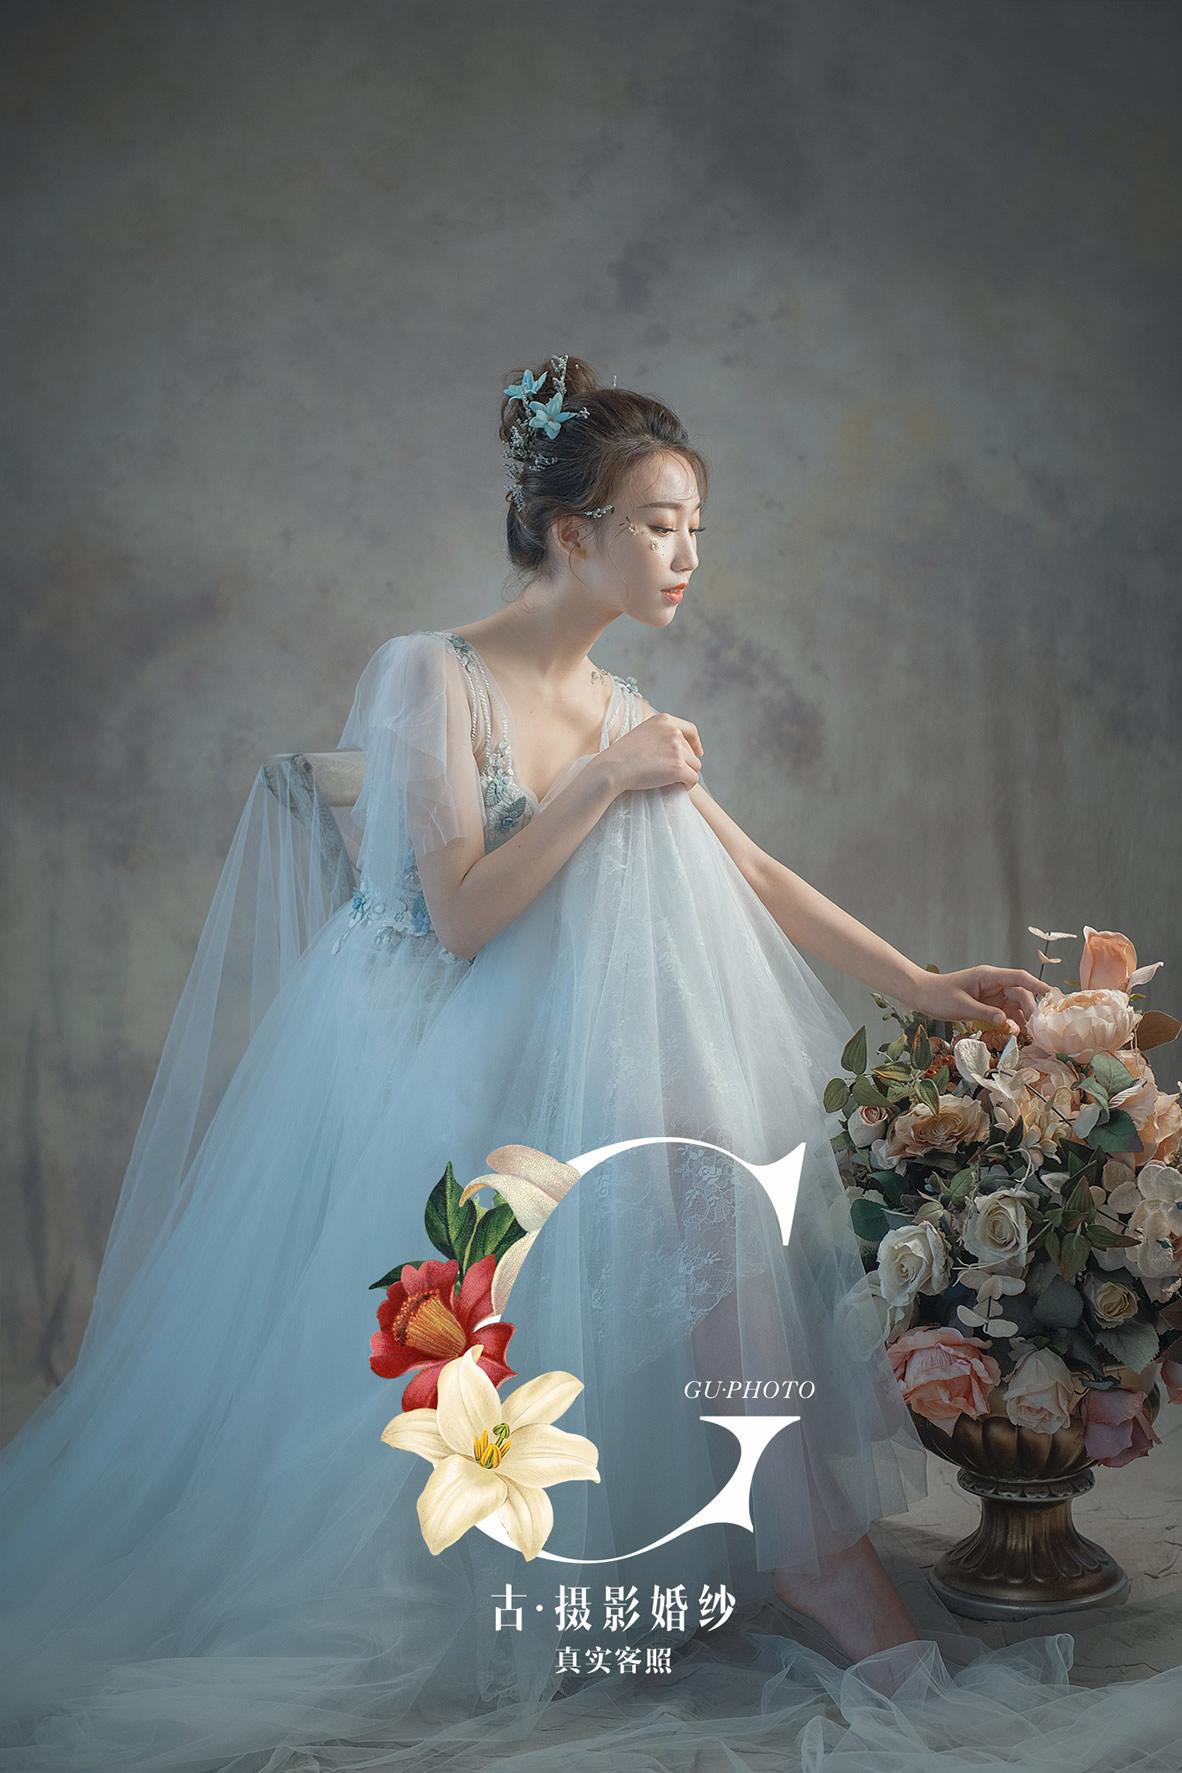 罗先生 刘小姐 - 每日客照 - 广州婚纱摄影-广州古摄影官网